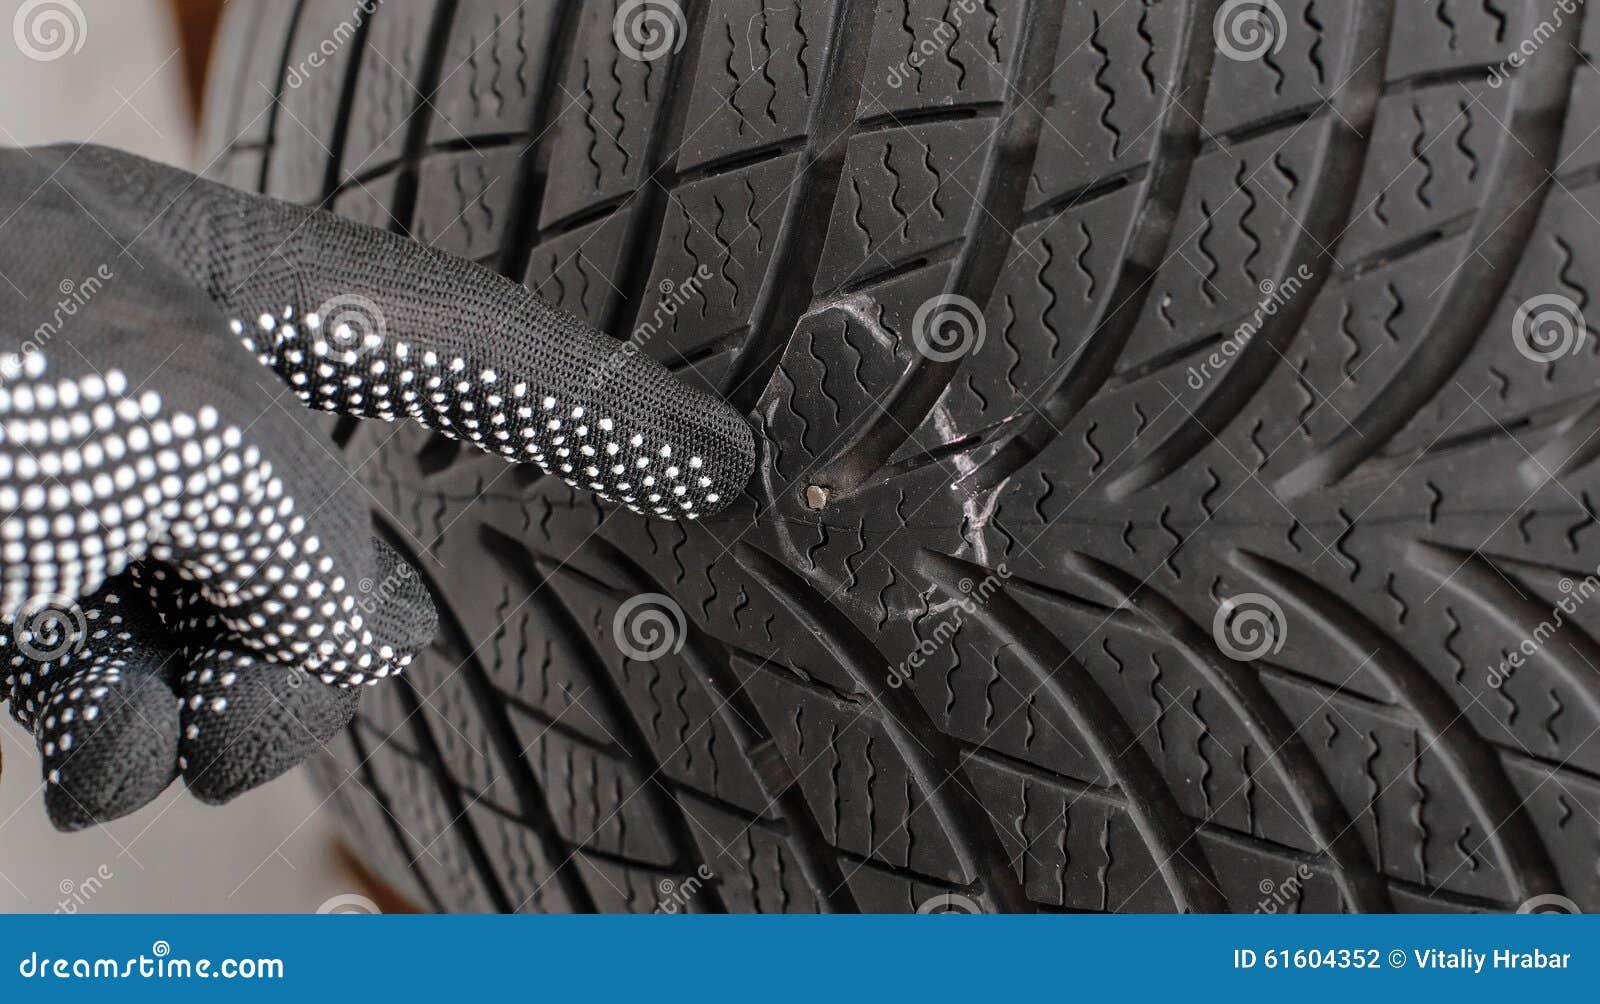 Nail In Tyre Stock Photo 61604352 - Megapixl